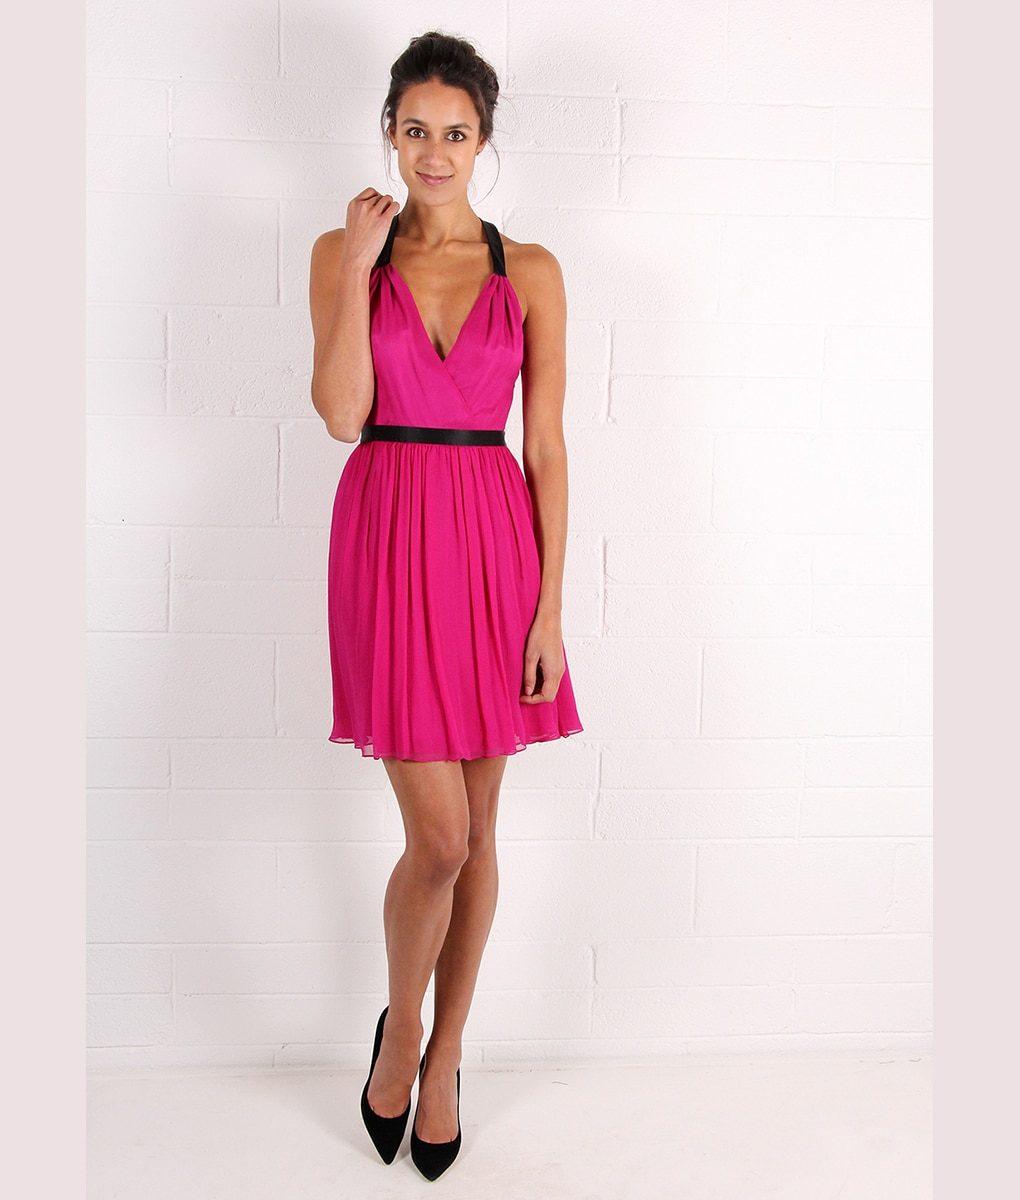 Alila-Magenta-Chiffon-Dress-with-bow-back-by-Jay-Godfrey